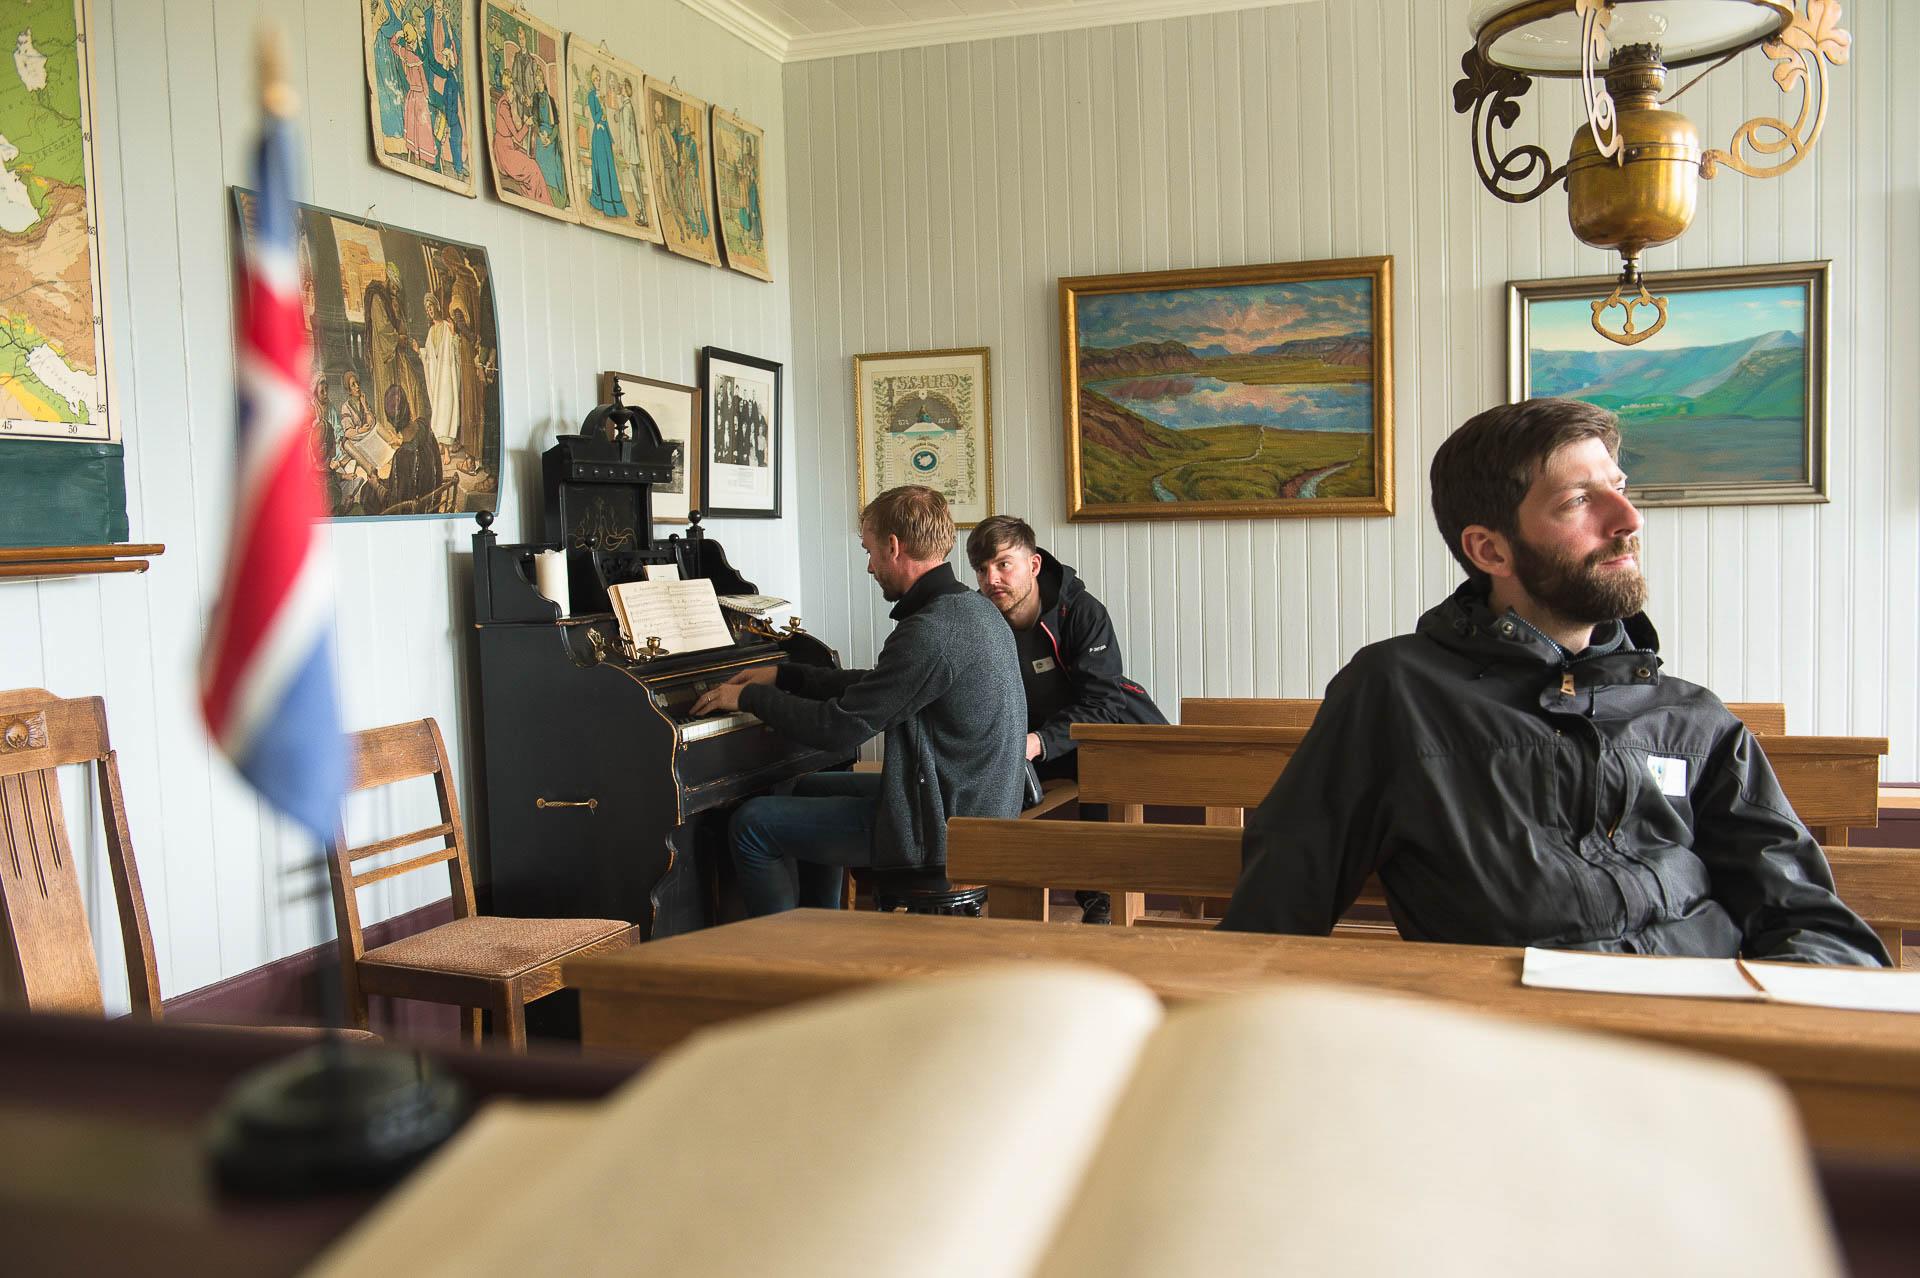 Fotostory von Redeleit und Junker - Ein Mann spielt Harmonium in Skógafsafn in Island